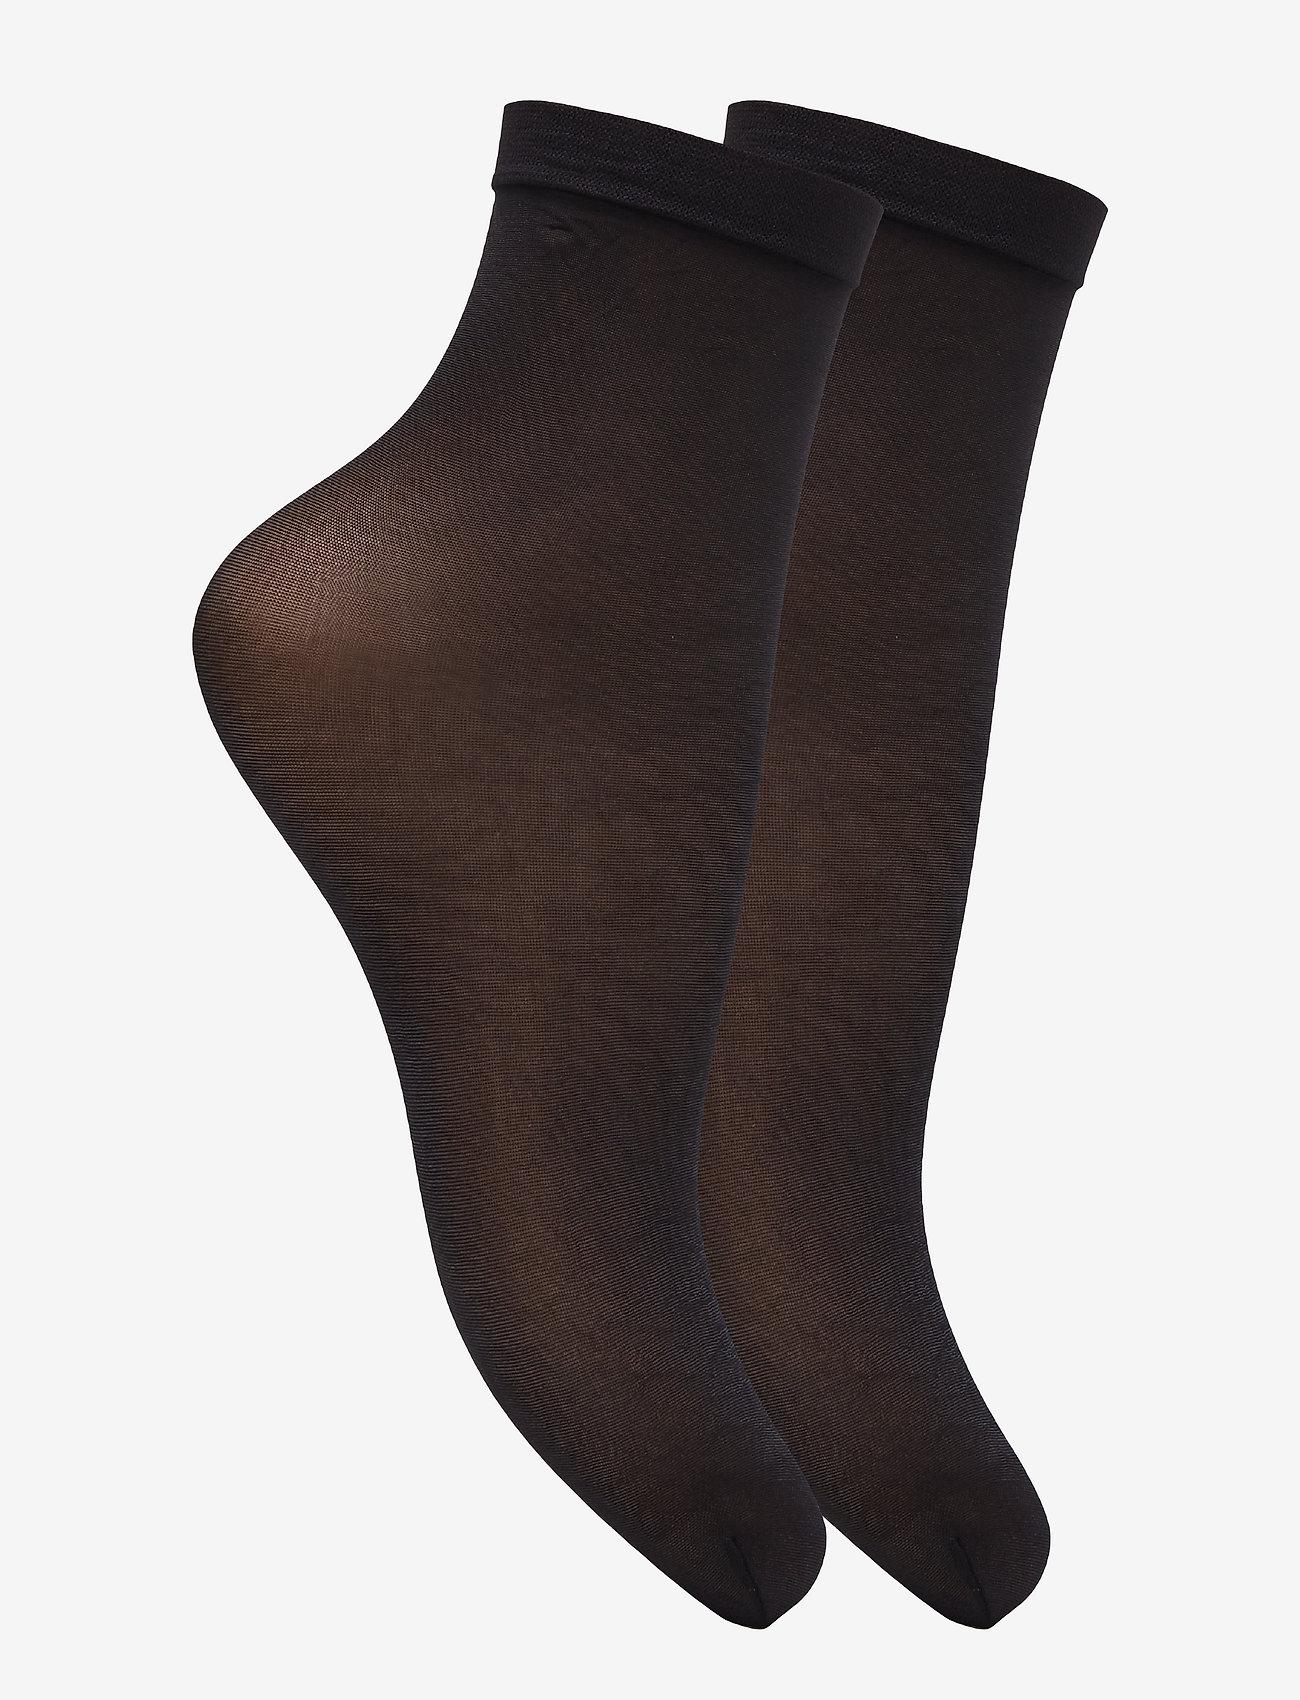 Vogue - Ladies den anklesock, Pleasure Socks 20, 2-pack - sokken - black - 1